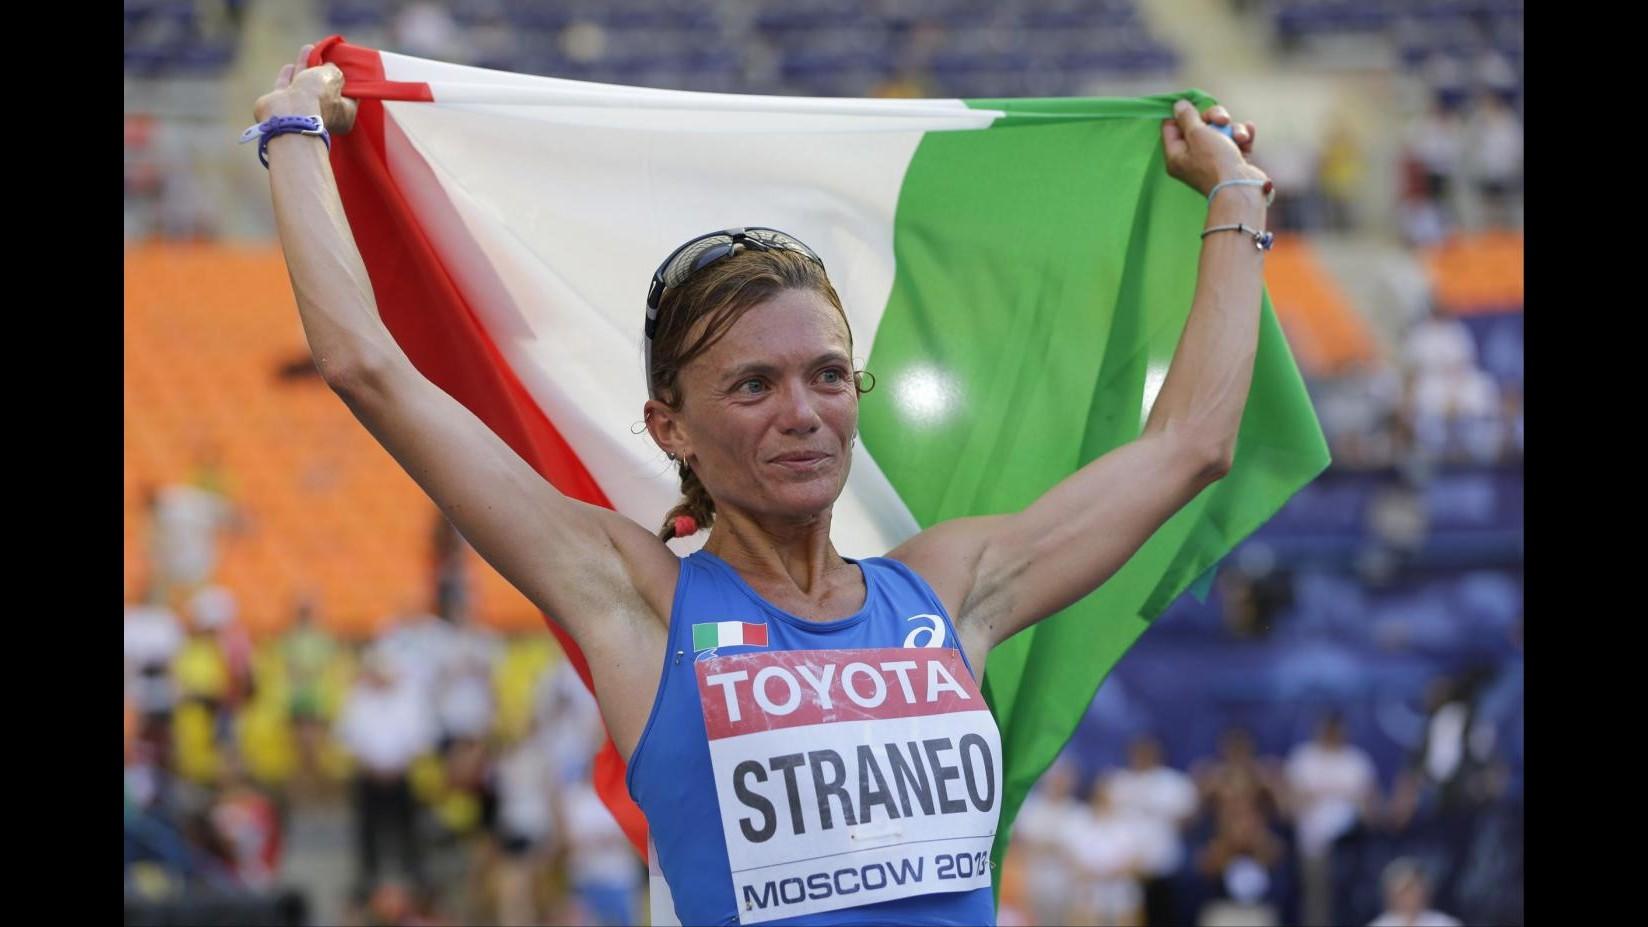 Atletica, Valeria Straneo alla Maratona di New York